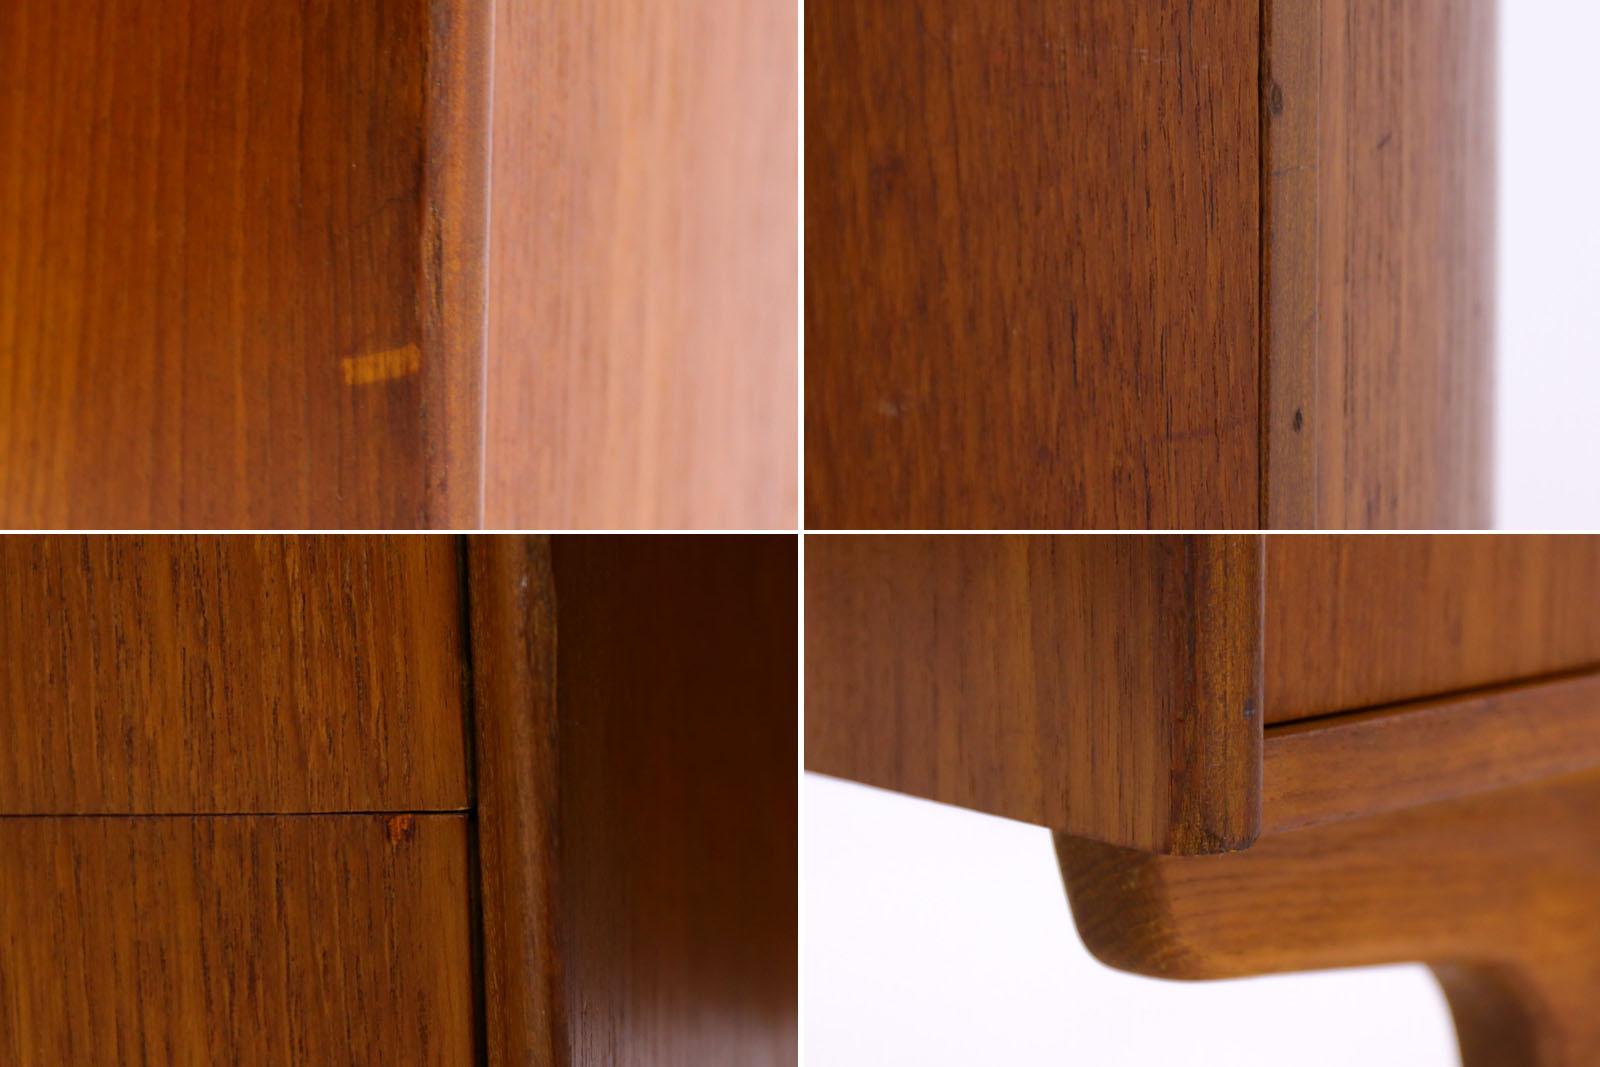 デンマーク製 お洒落な形のキドニーデスク 北欧家具ビンテージ/DK9021